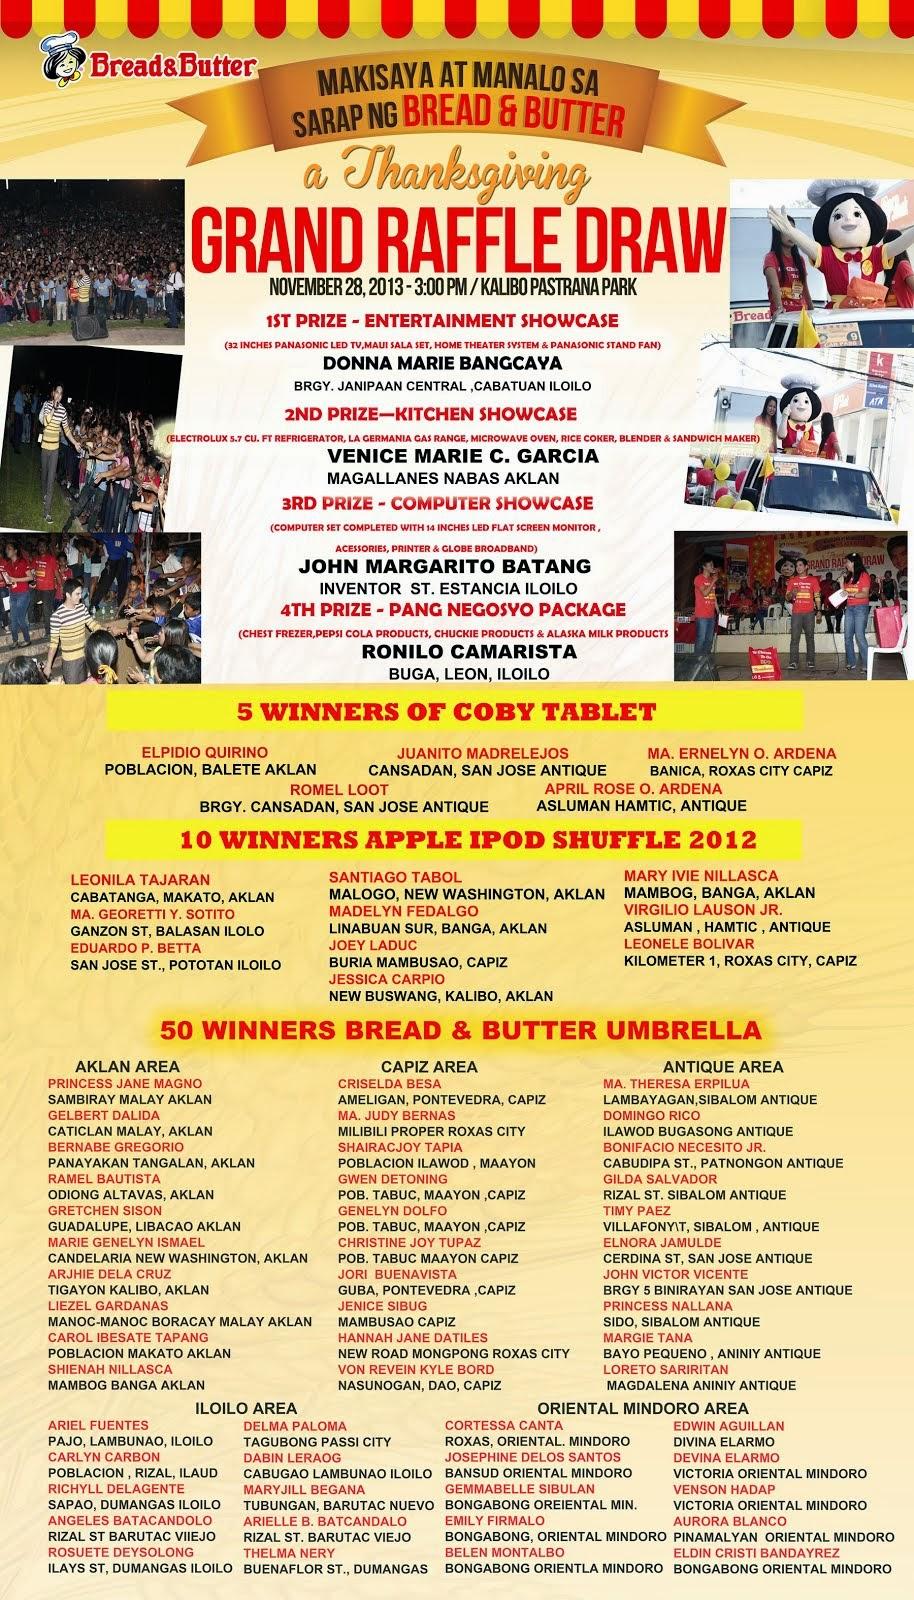 Makisaya at Manalo sa Sarap ng Bread & Butter Promo!